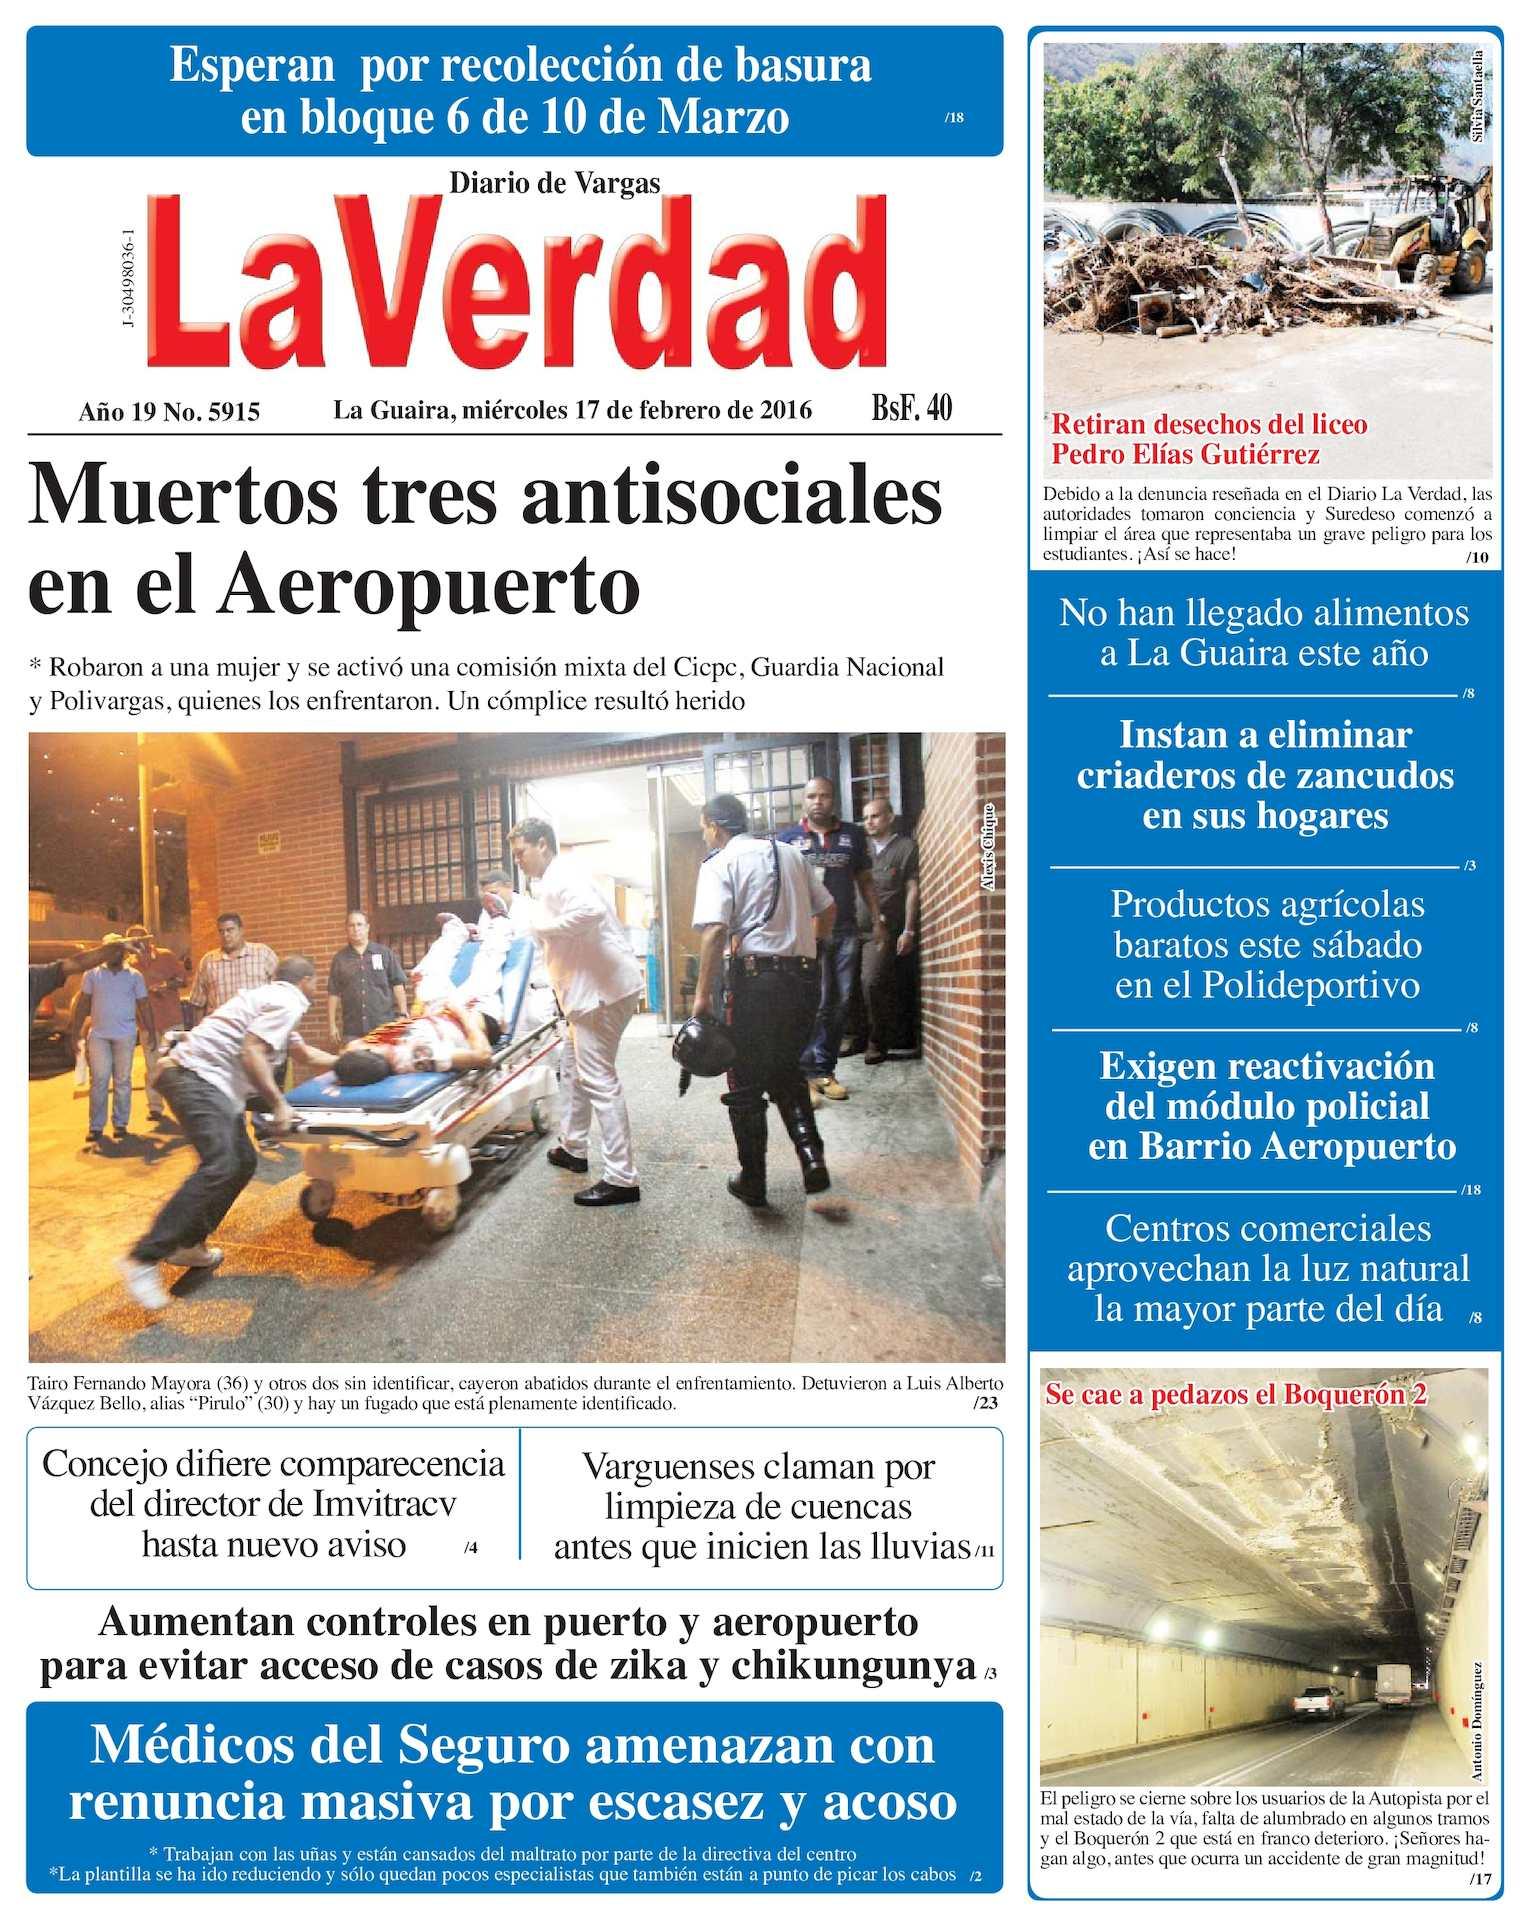 Calaméo - La Guaira, miercoles 17 de febrero de 2016 Año 19 Nº. 5915